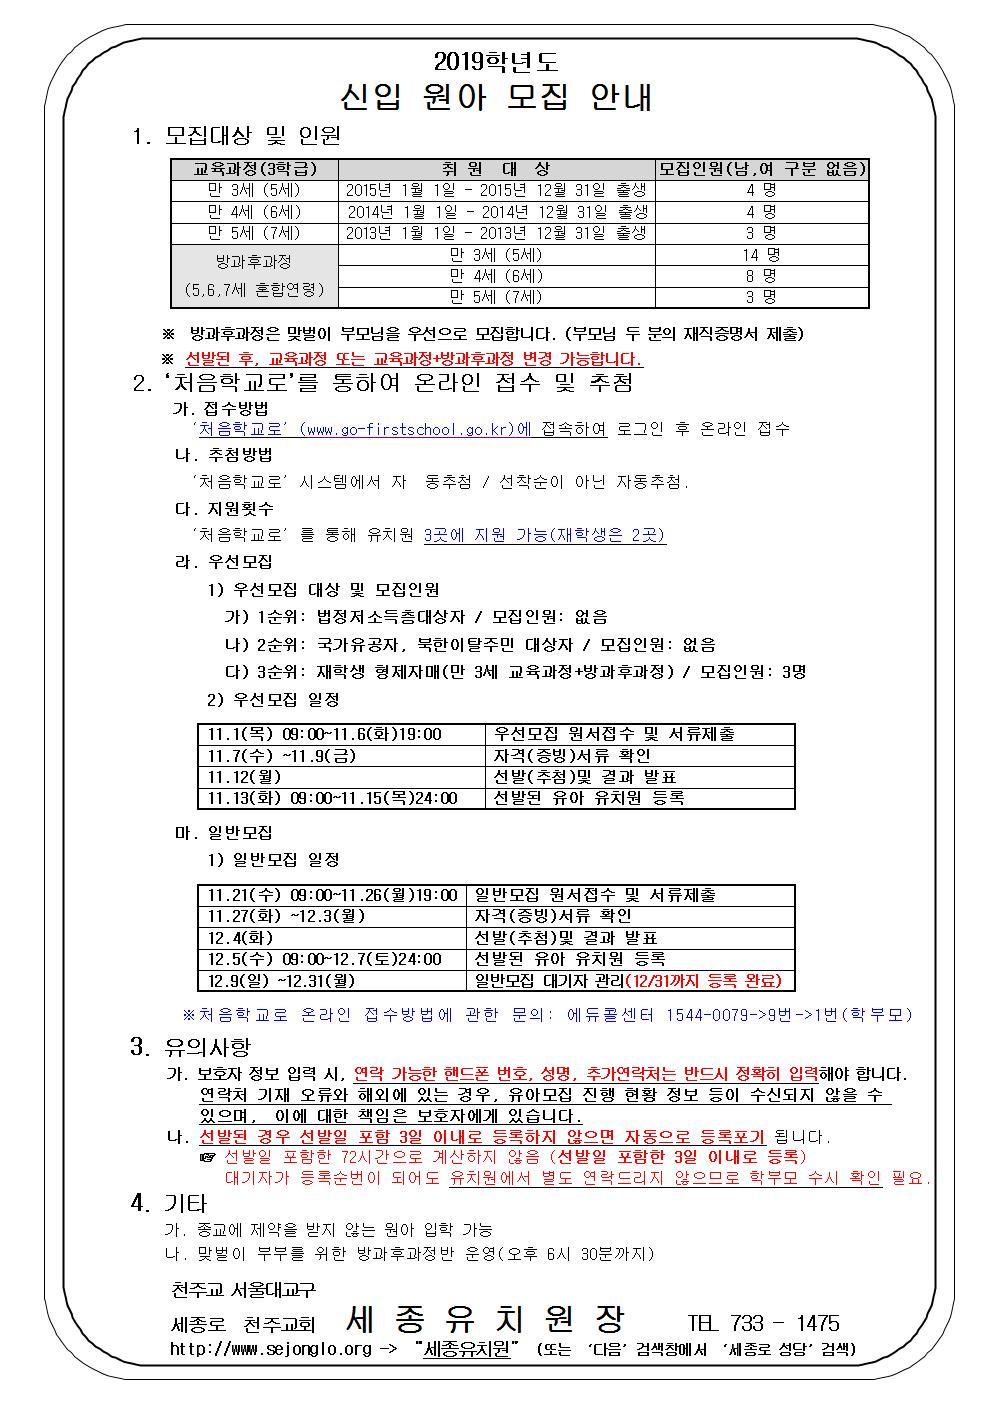 2019학년도+신입원아모집안내문(최종2018.11.14)001.jpg